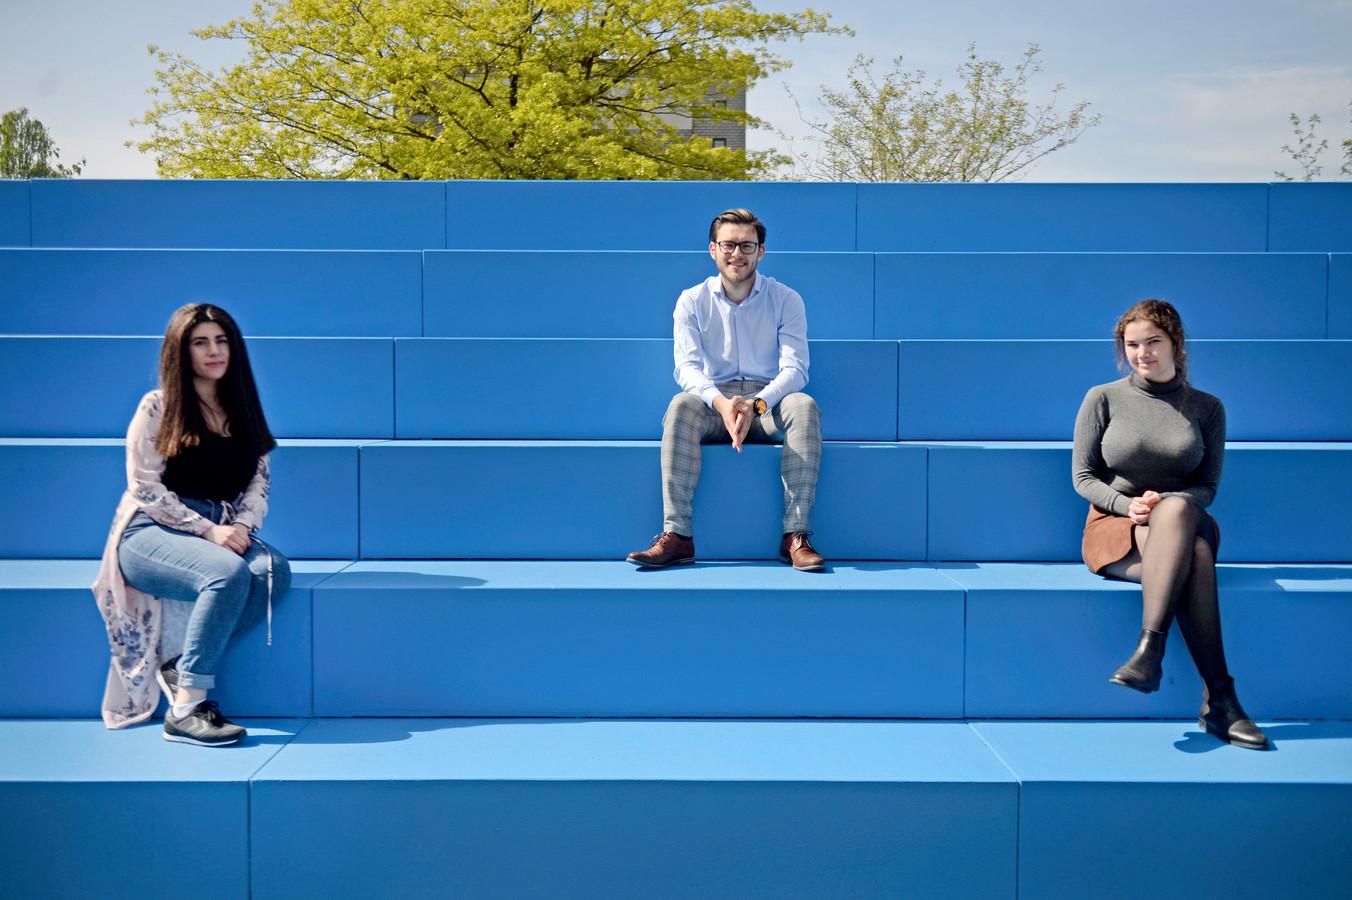 Sefora Tunç, Floortje van der Geest en Maxim de Leeuw. Studentonderzoekers die samen met Tubantia oplossingen tegen eenzaamheid gaan bedenken.